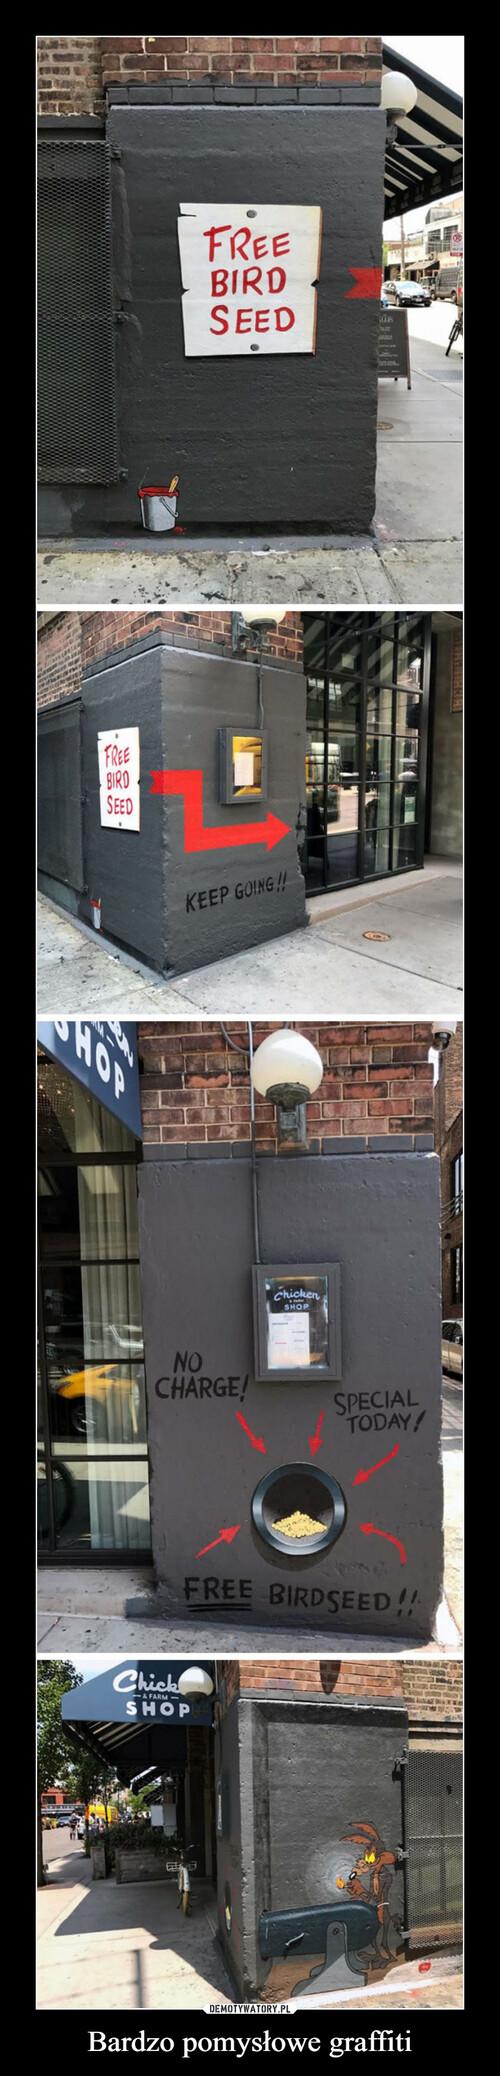 Bardzo pomysłowe graffiti